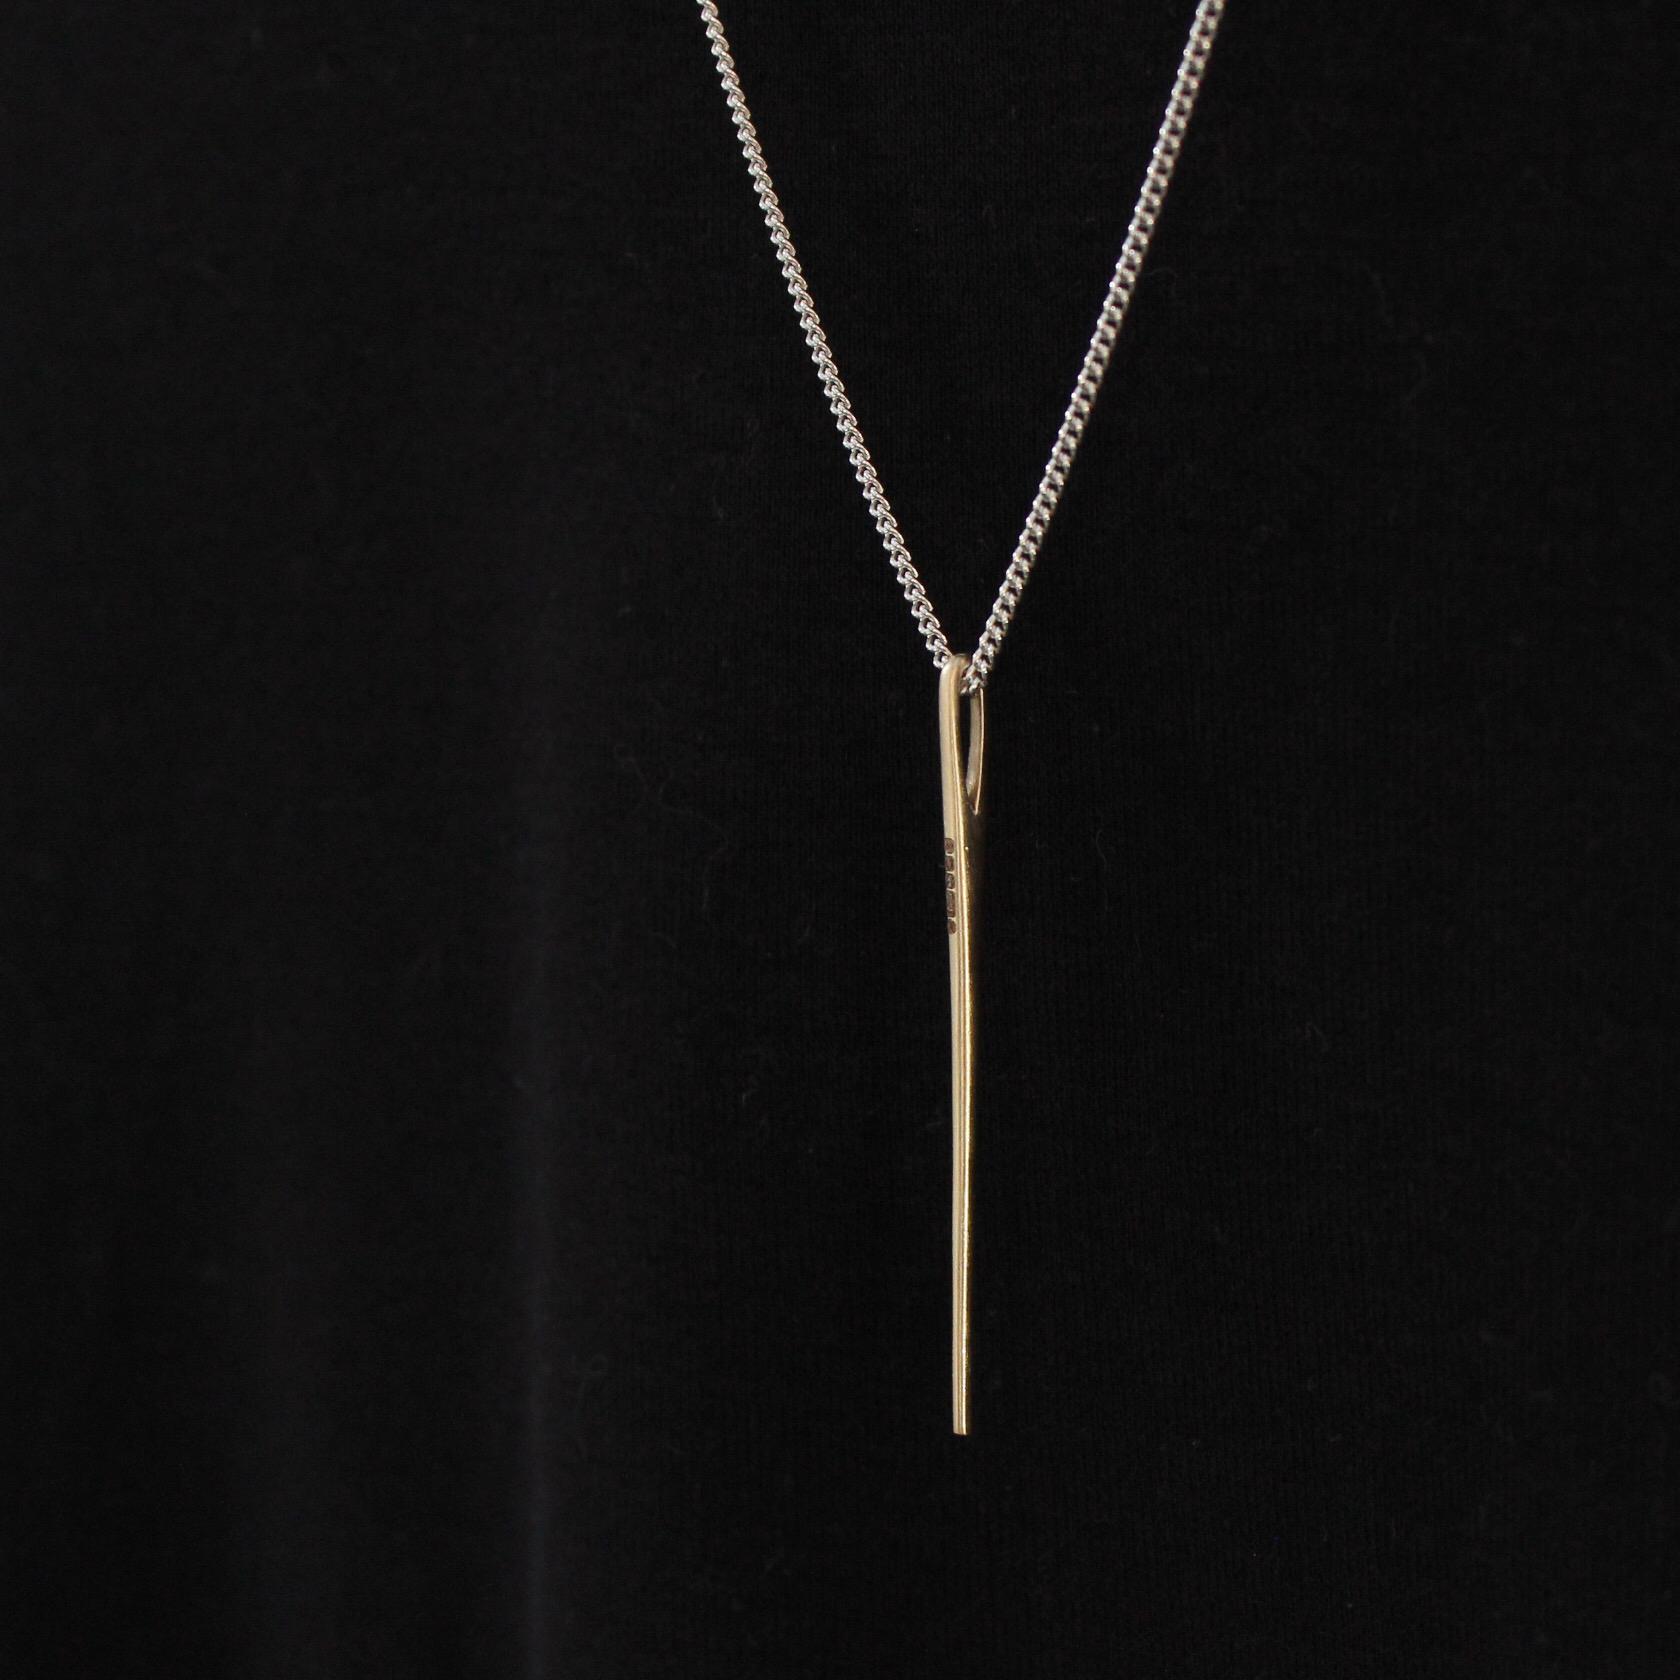 Gold needle hallmarked